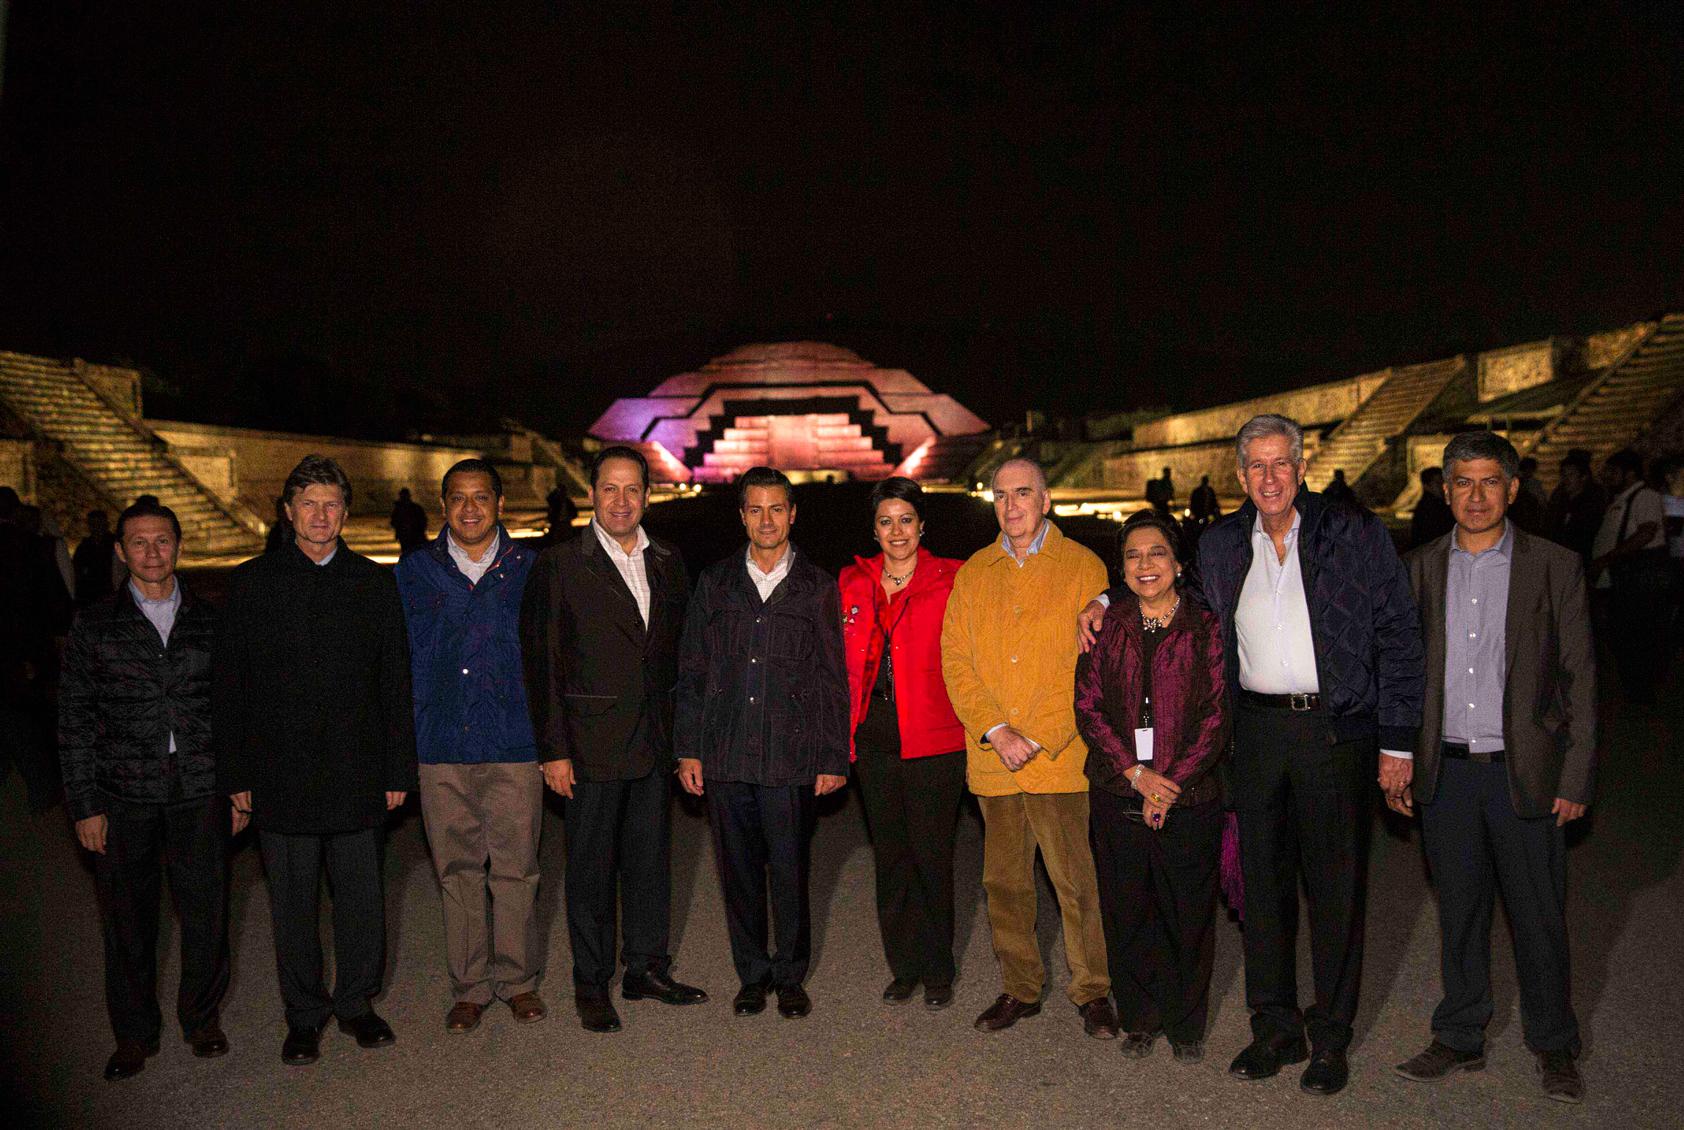 Teotihuacán siempre ha sido un lugar magnífico, imponente, maravilloso, que hoy cuando sólo quedan algunas estructuras arqueológicas de lo que fue esta gran ciudad, sigue siendo espectacular, señaló el Gobernador del Estado de México, Eruviel Ávila.